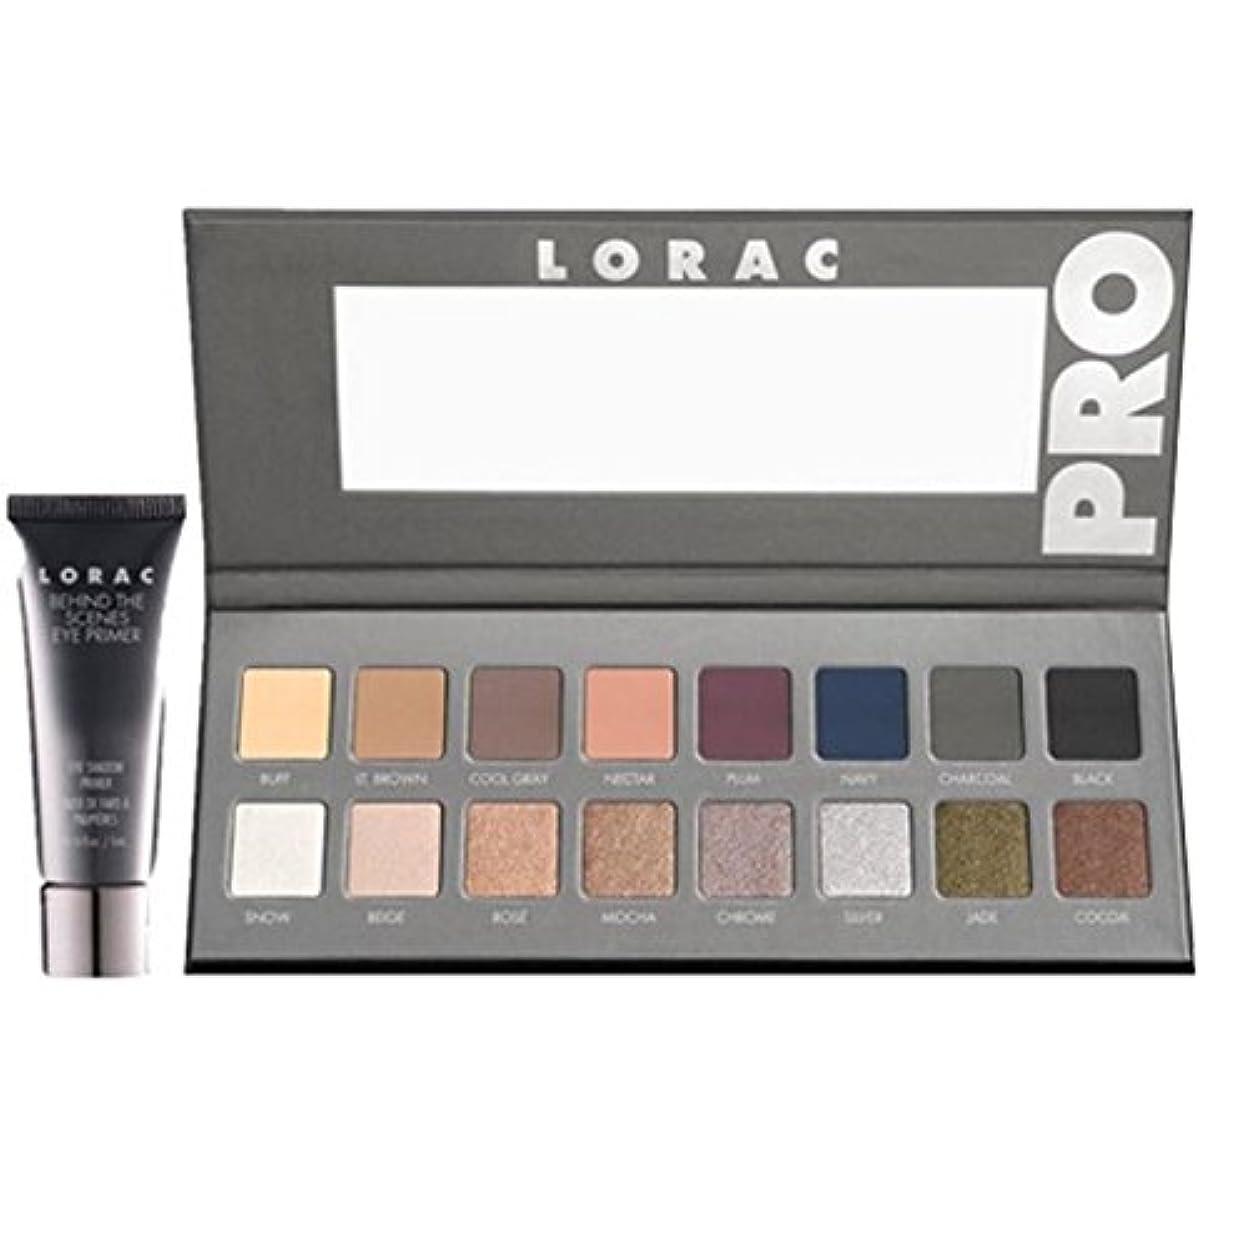 の間でアジャ兵隊LORAC, 'PRO' Palette 2 /プロのアイメイク シャドウパレット16色 [並行輸入品] [海外直送品]